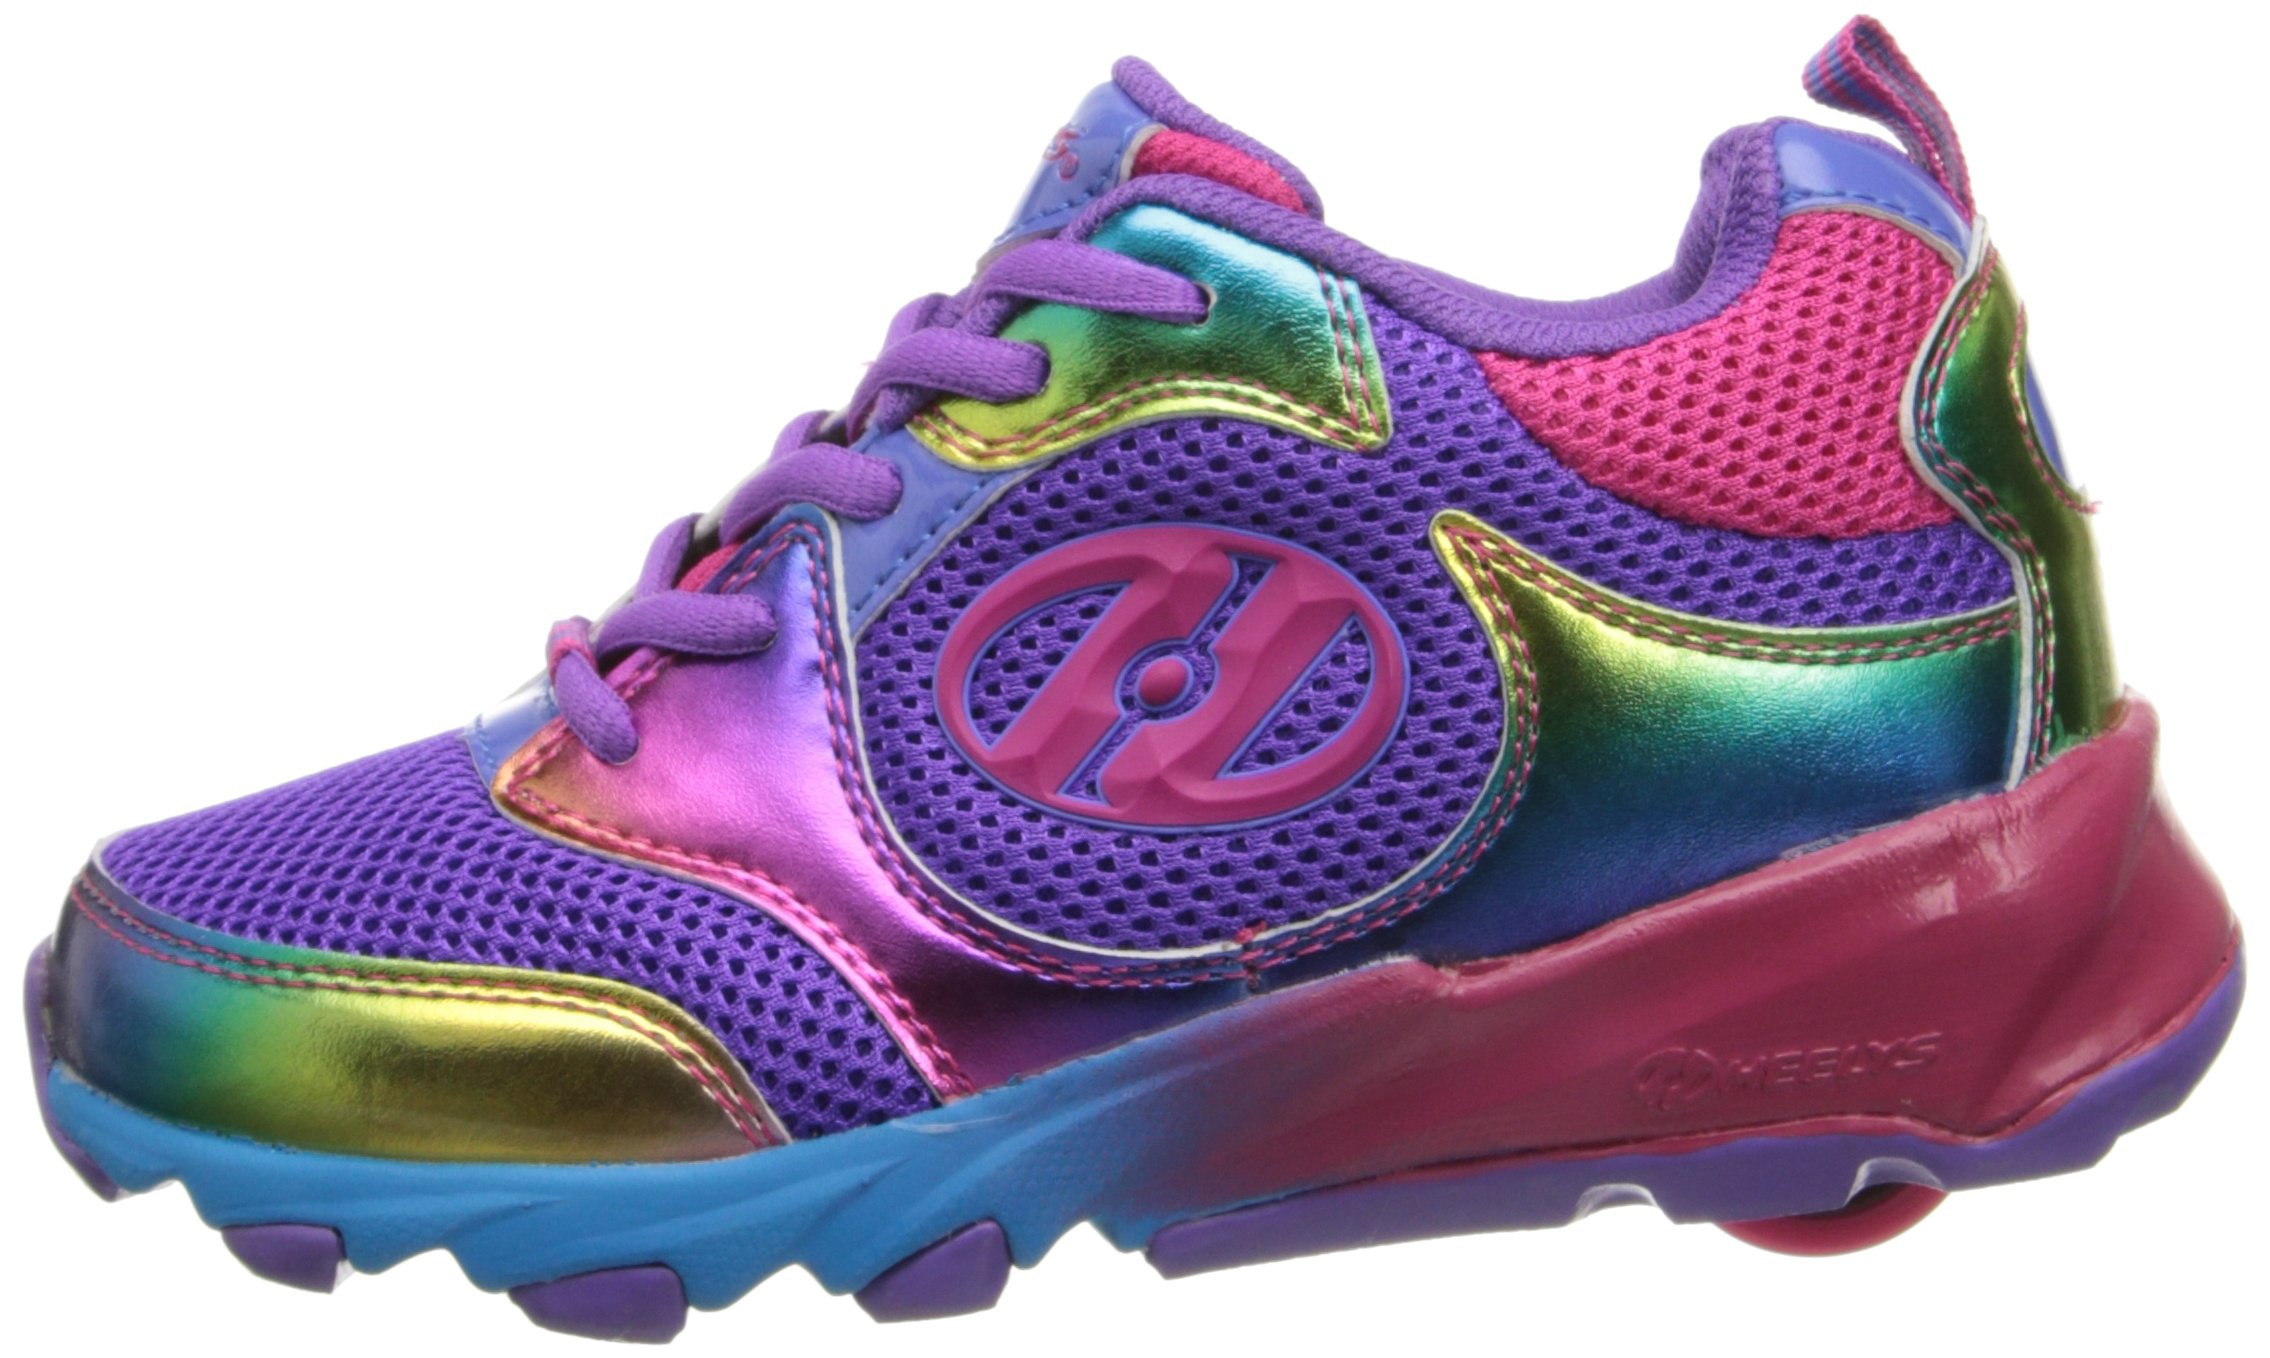 Heelys Race Skate Shoe (Little Kid/Big Kid),Purple/Rainbow,2 M US Little Kid by Heelys (Image #5)